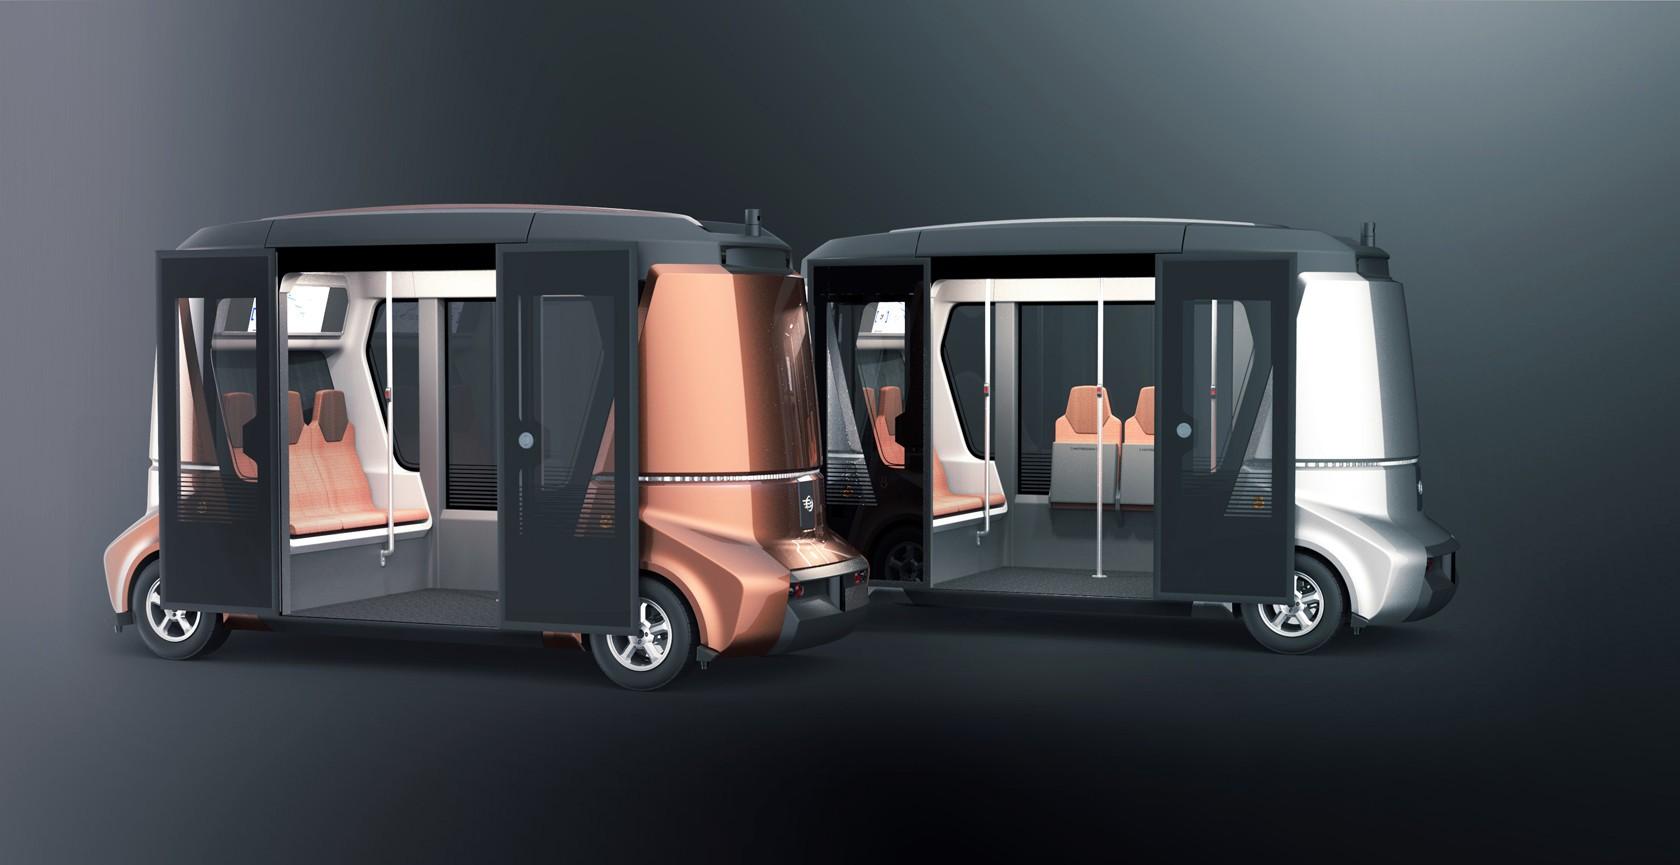 Беспилотный электрический автобус презентуют наинвестфоруме вСочи